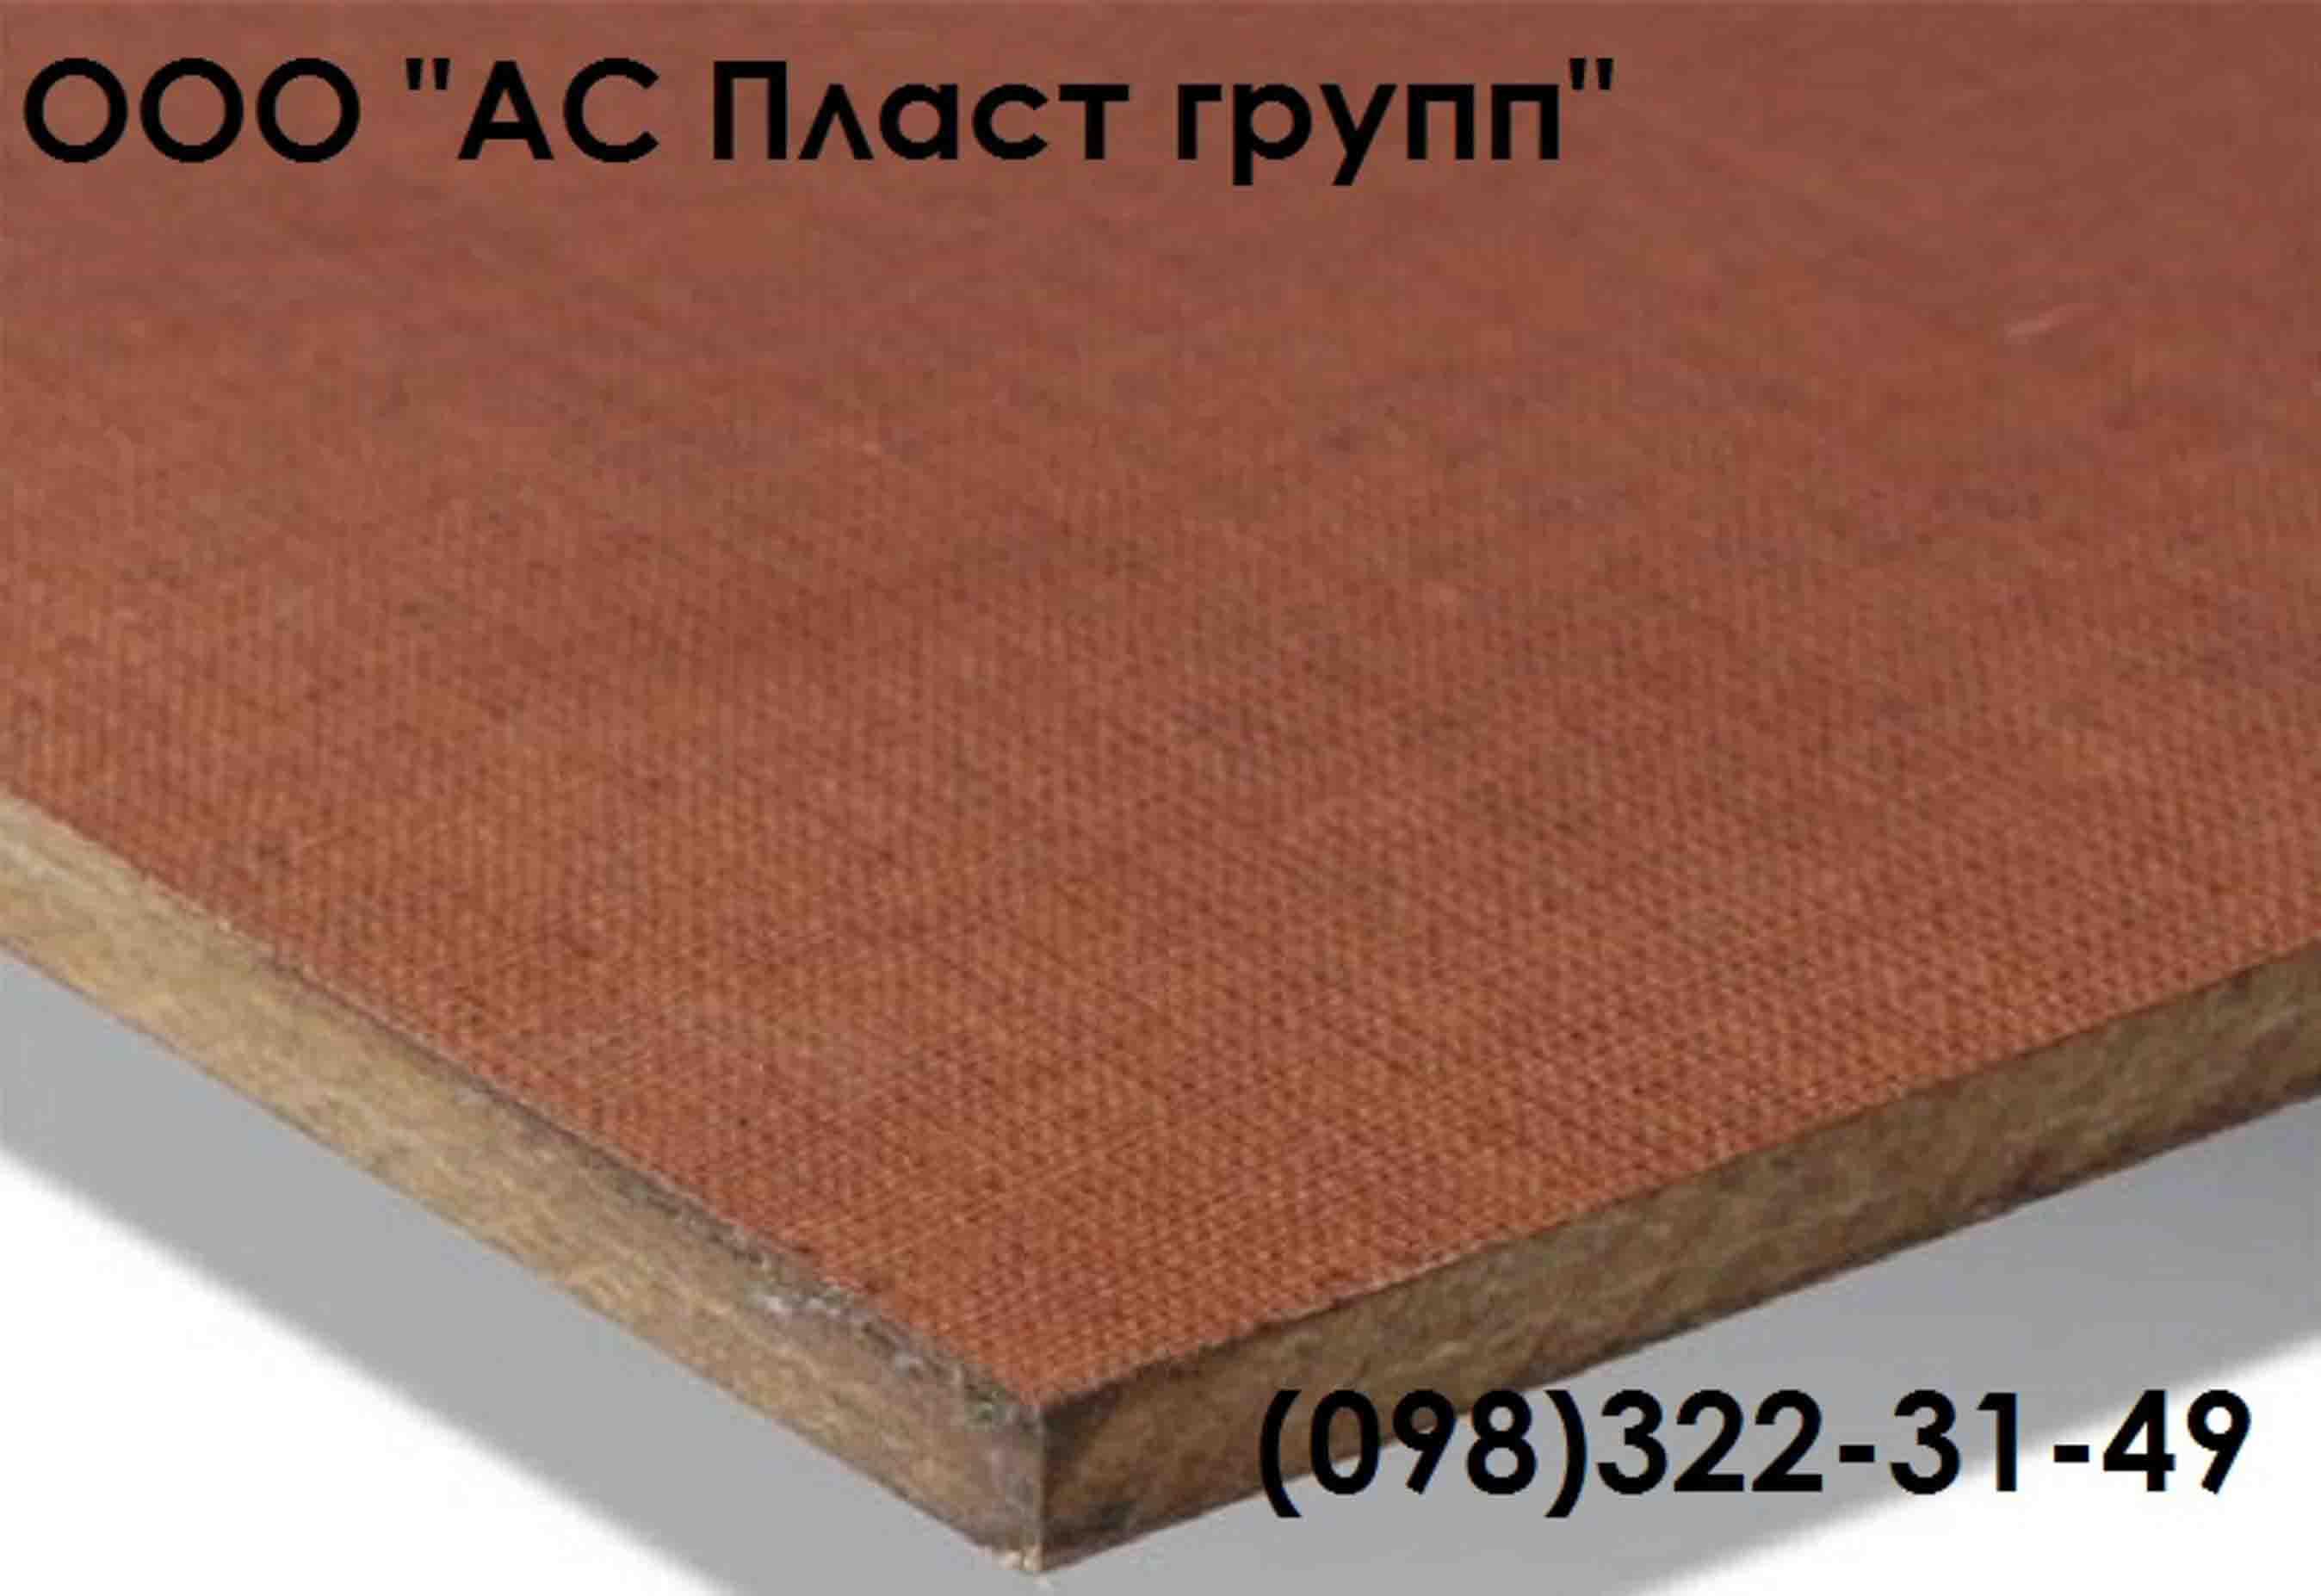 Фторопласт, капролон, текстолит, полиэтилен, винипласт, полиуретан. фото 2